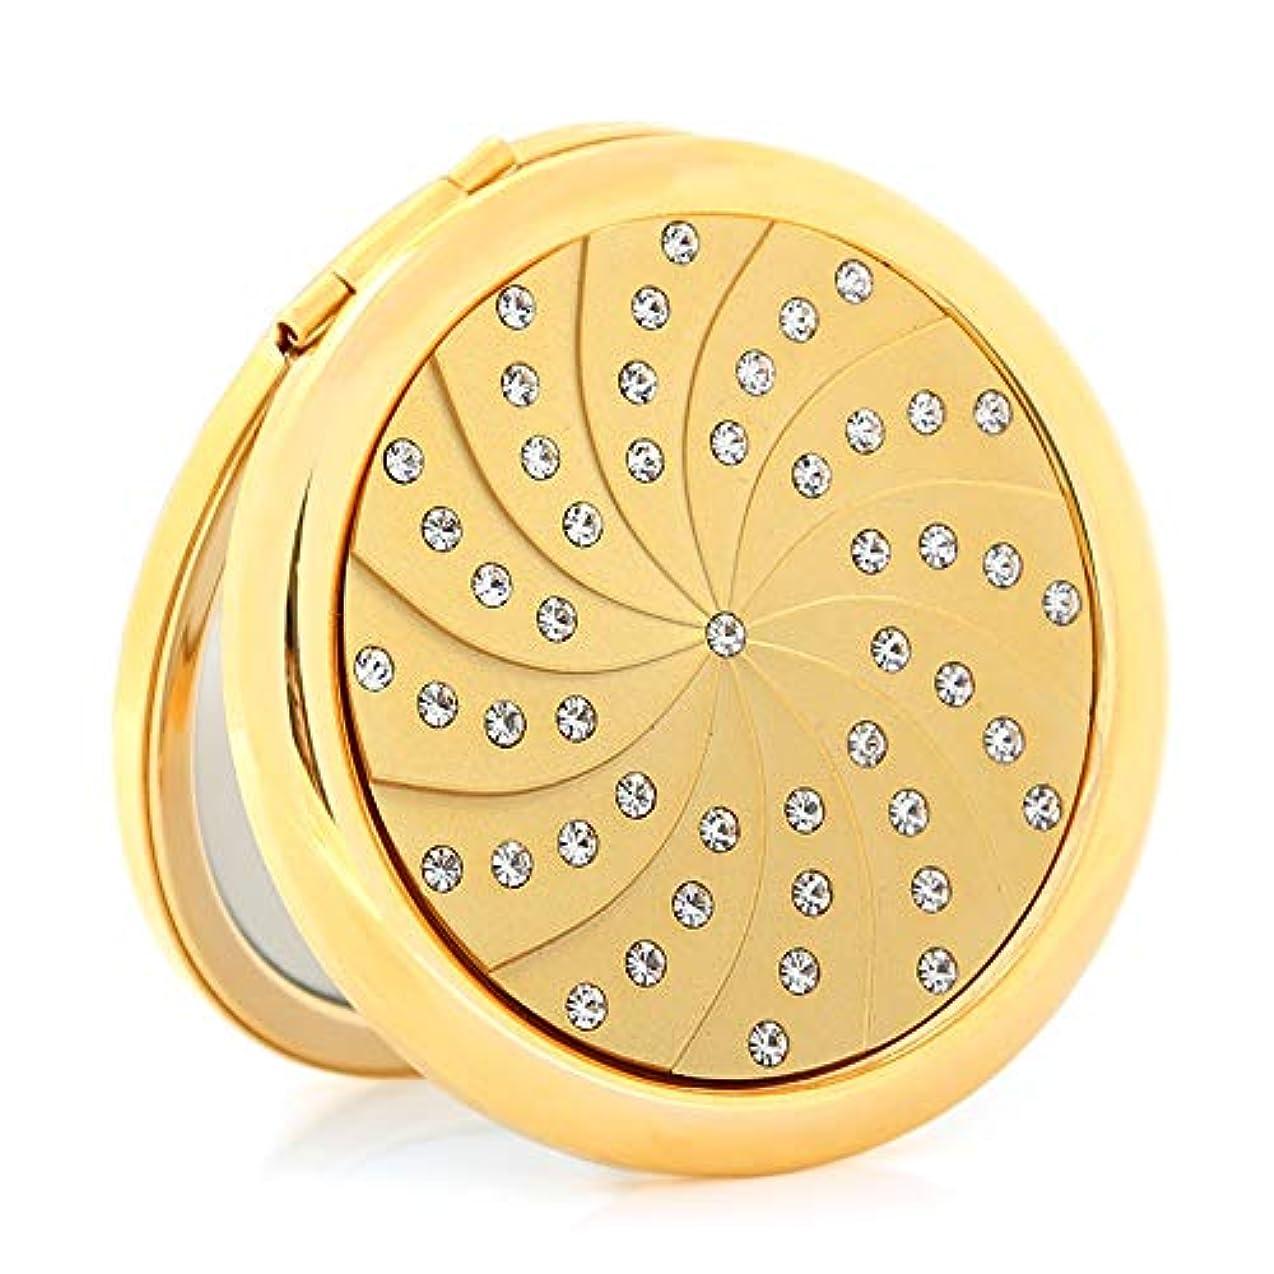 仮装匿名モルヒネ流行の 金メッキダイヤモンド小さなミラーポータブル折りたたみ両面ポータブルミラーパーソナライズされた誕生日プレゼント